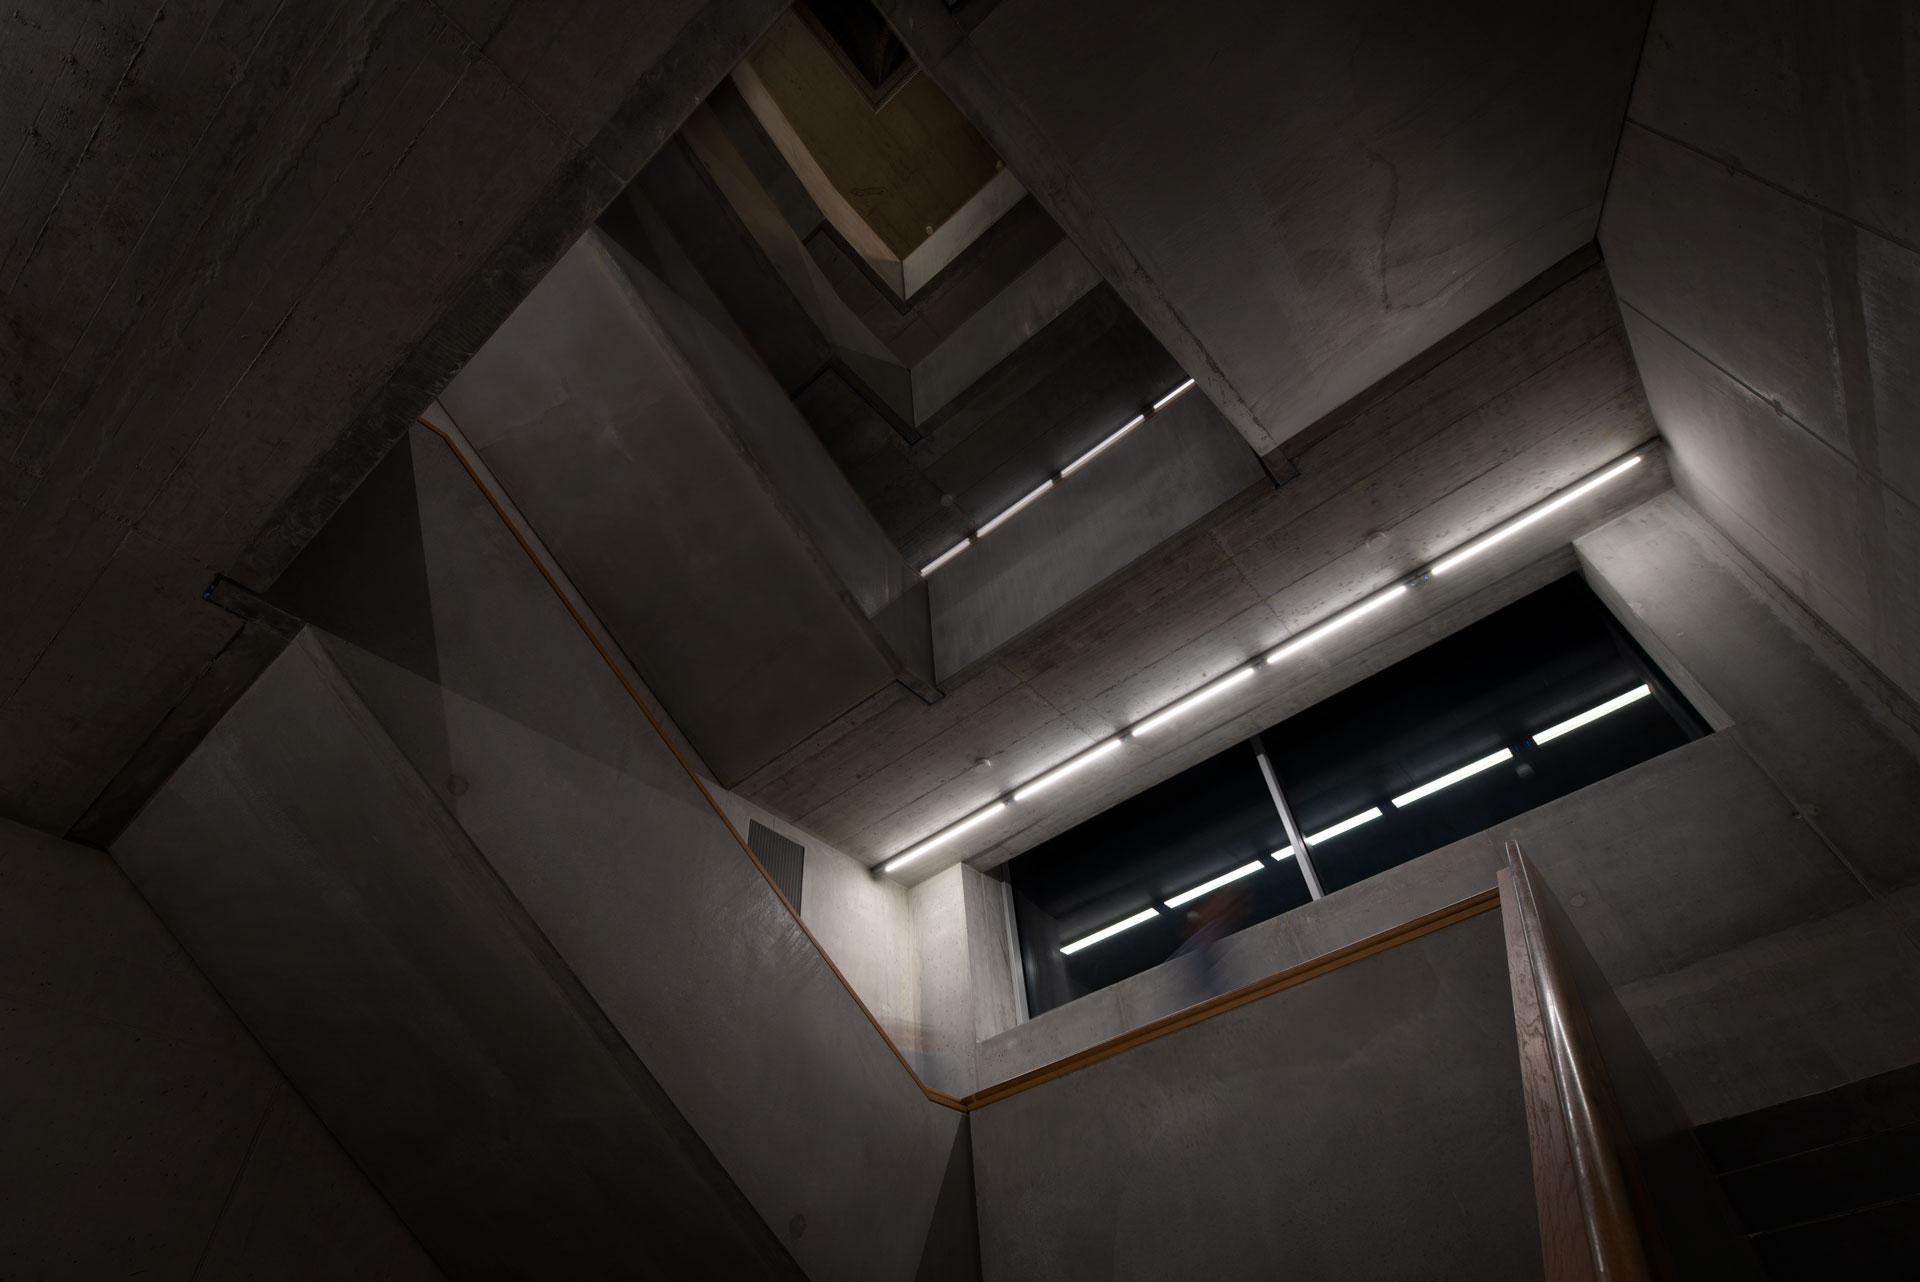 ledcity zhdk treppenhaus hell dunkel cmd 6969 - Millionen-Finanzierung für Klima-Startup